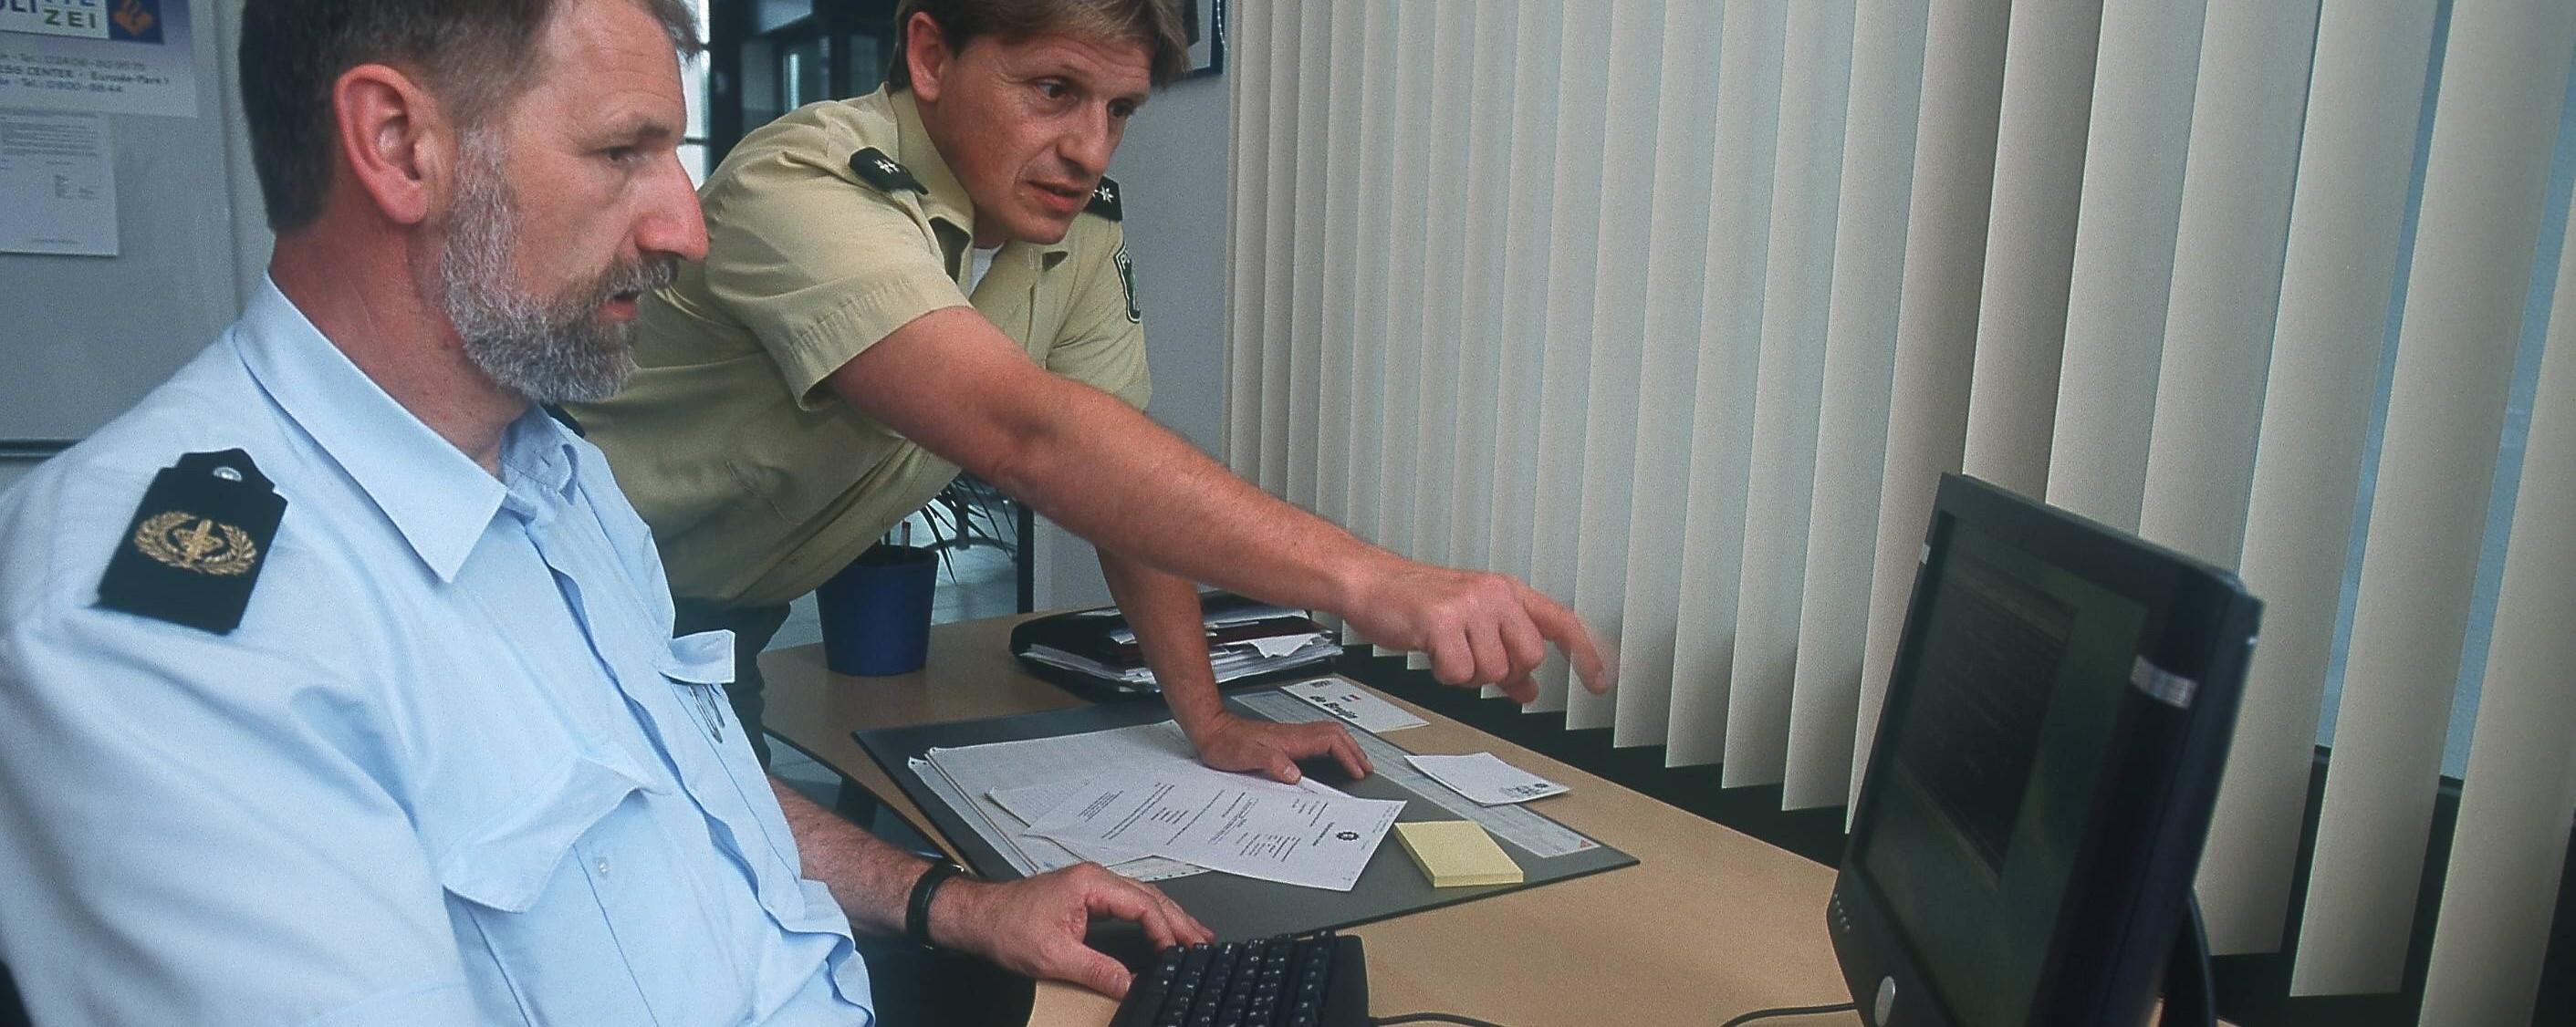 Was die Party-Polizei den ganzen Tag im Internet macht